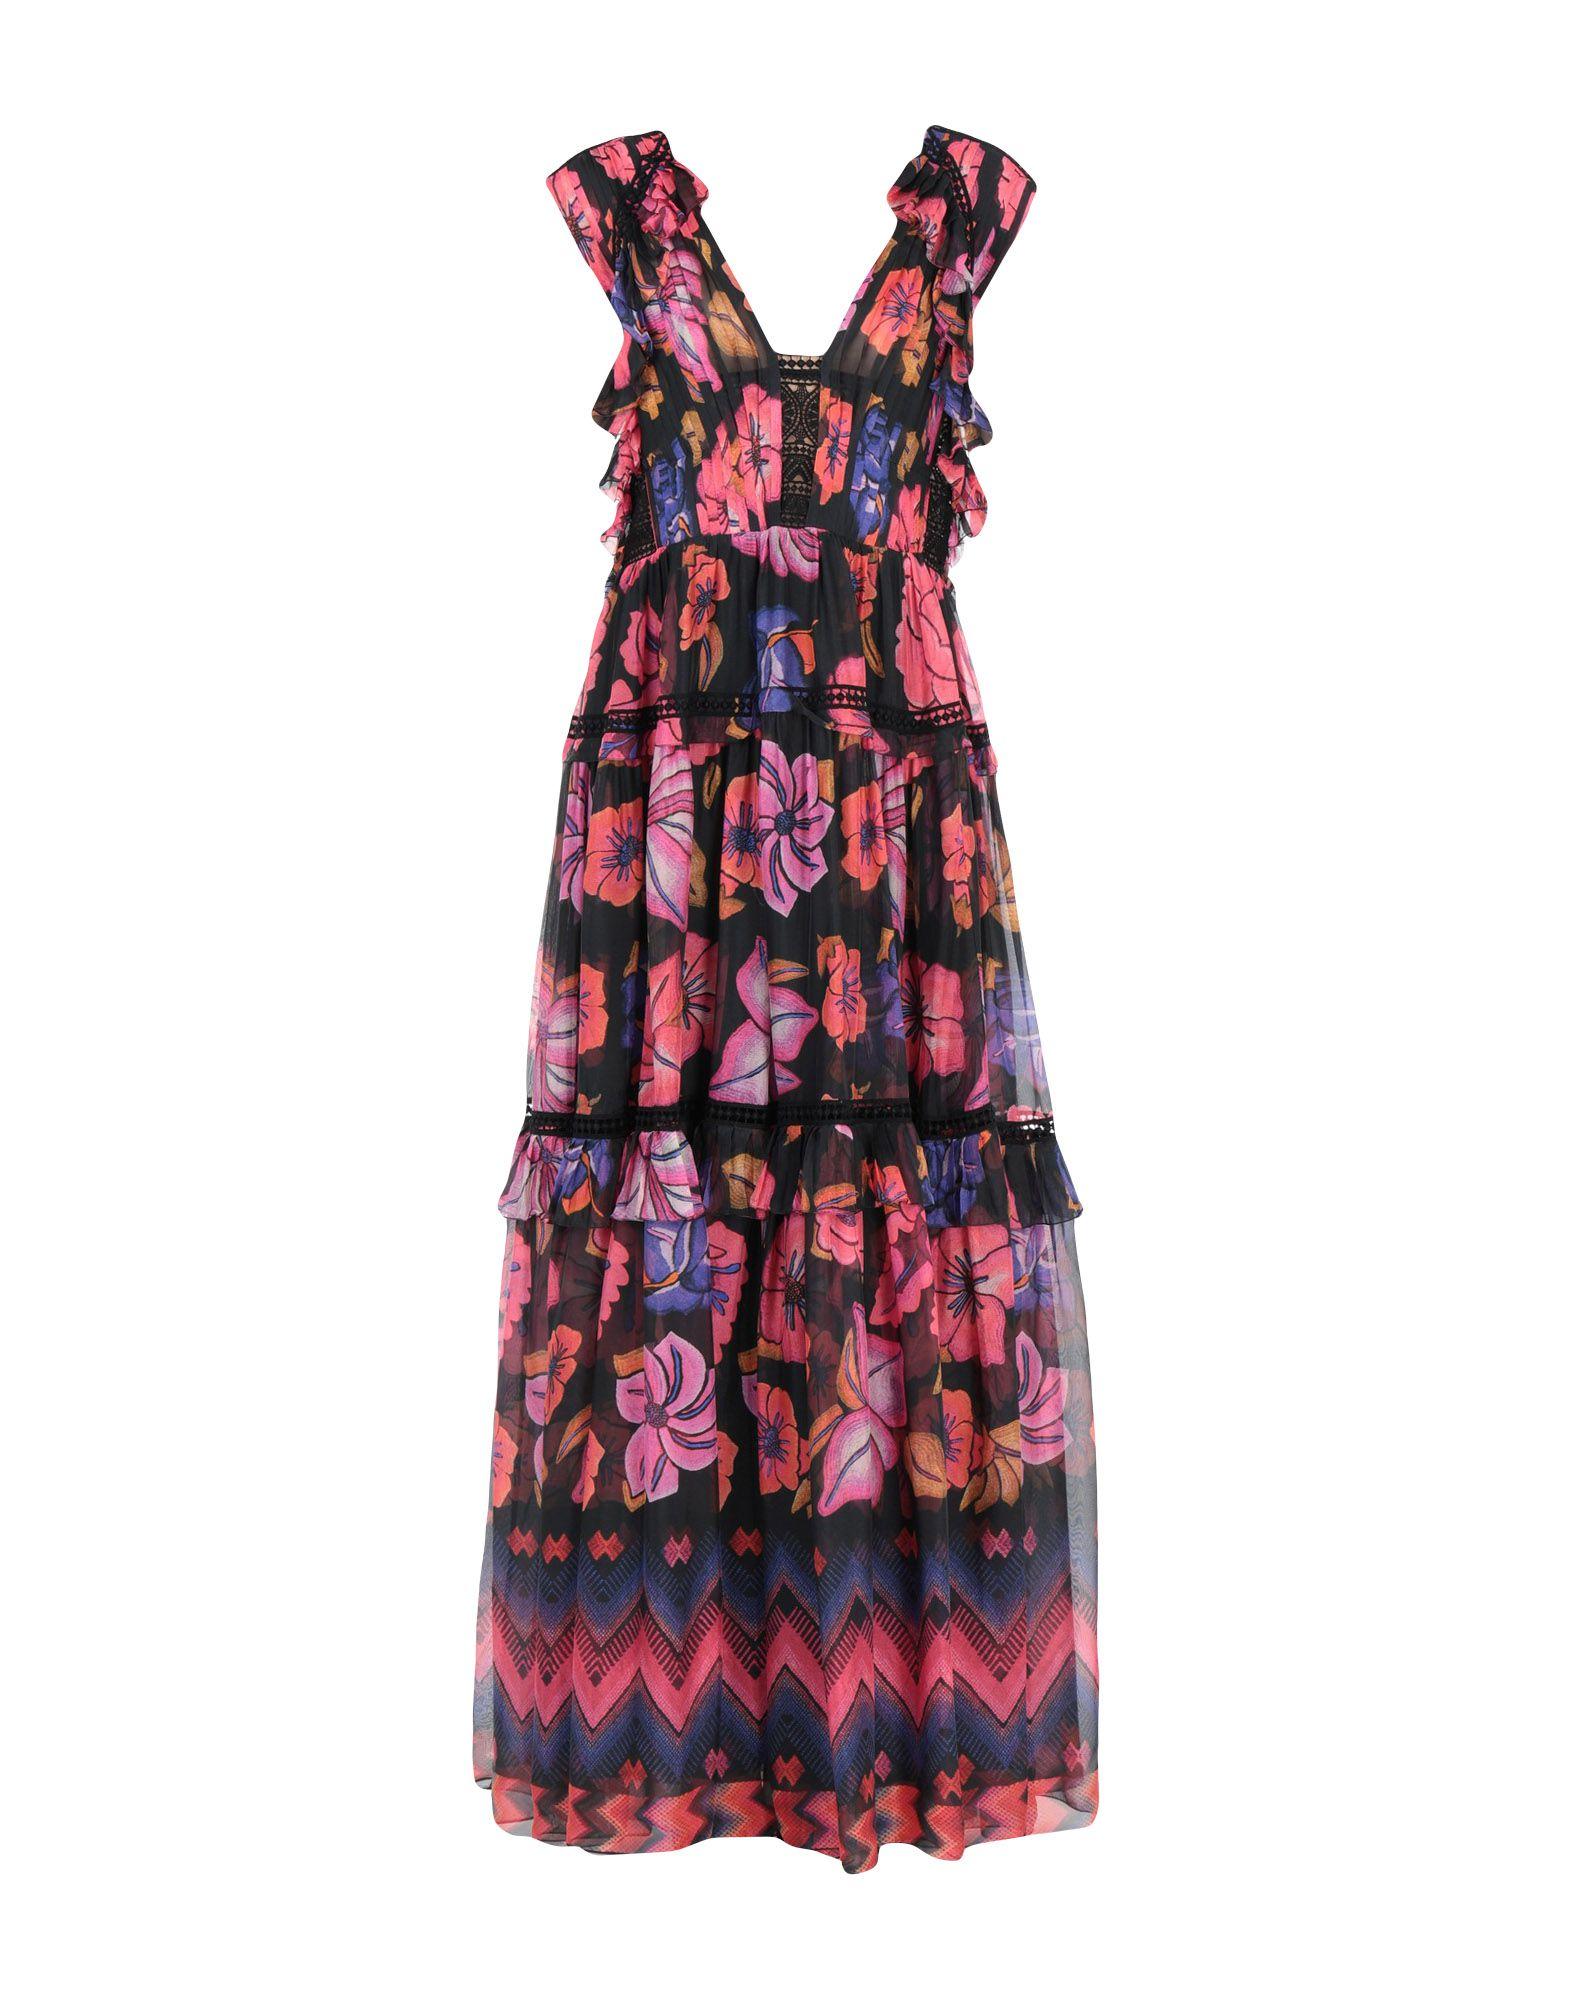 Γυναικεία Φορέματα με Βολάν Online - Κορυφαία προϊόντα - Yoox ... 45ad664d9b2